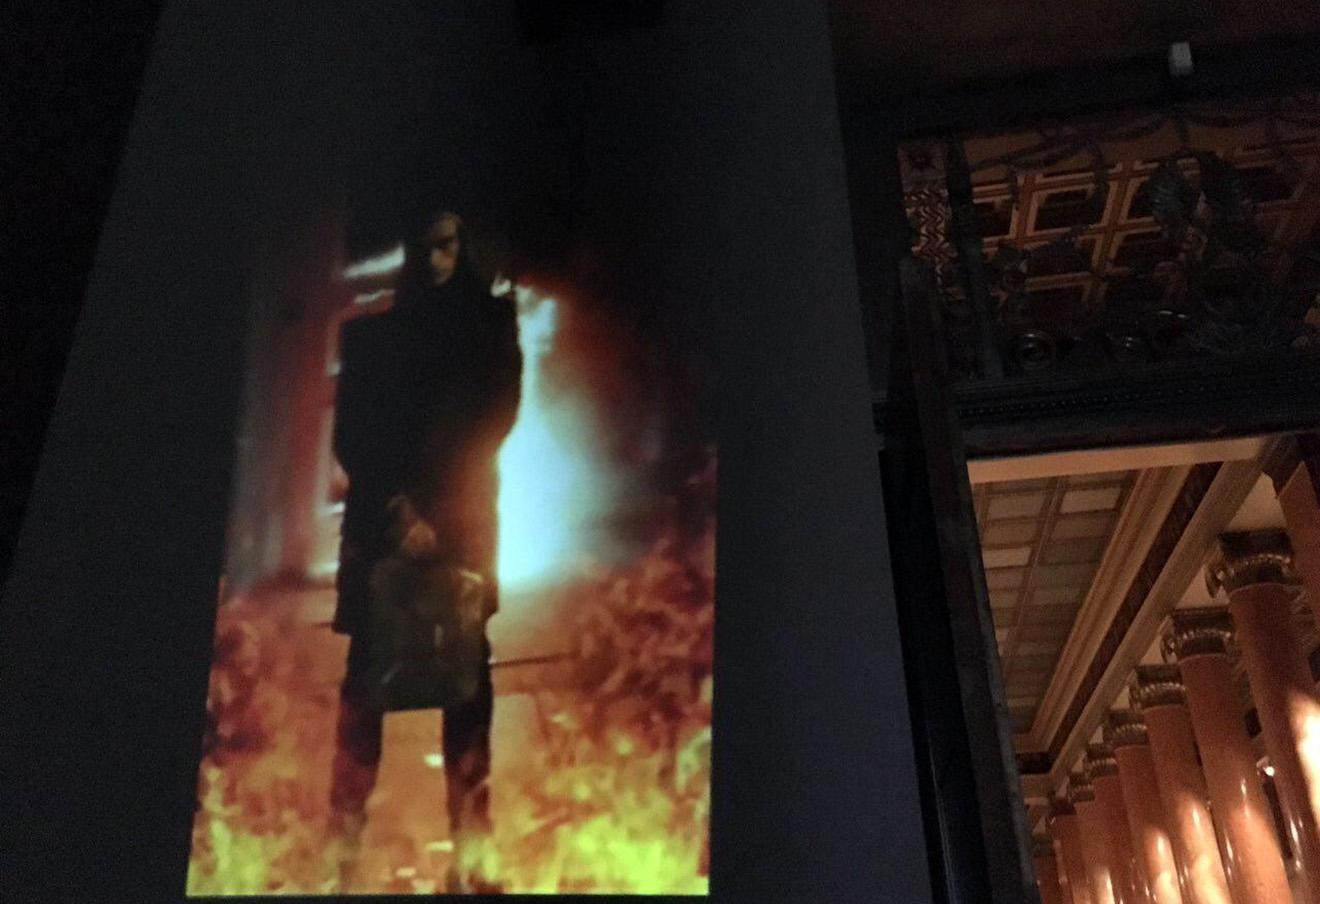 Во время награждения победителей премии «Инновация» в Пушкинском музее художник и журналист Матвей Крылов спроецировал на стену видео с акцией Петра Павленского «Угроза». Фото: ГЦСИ / Facebook